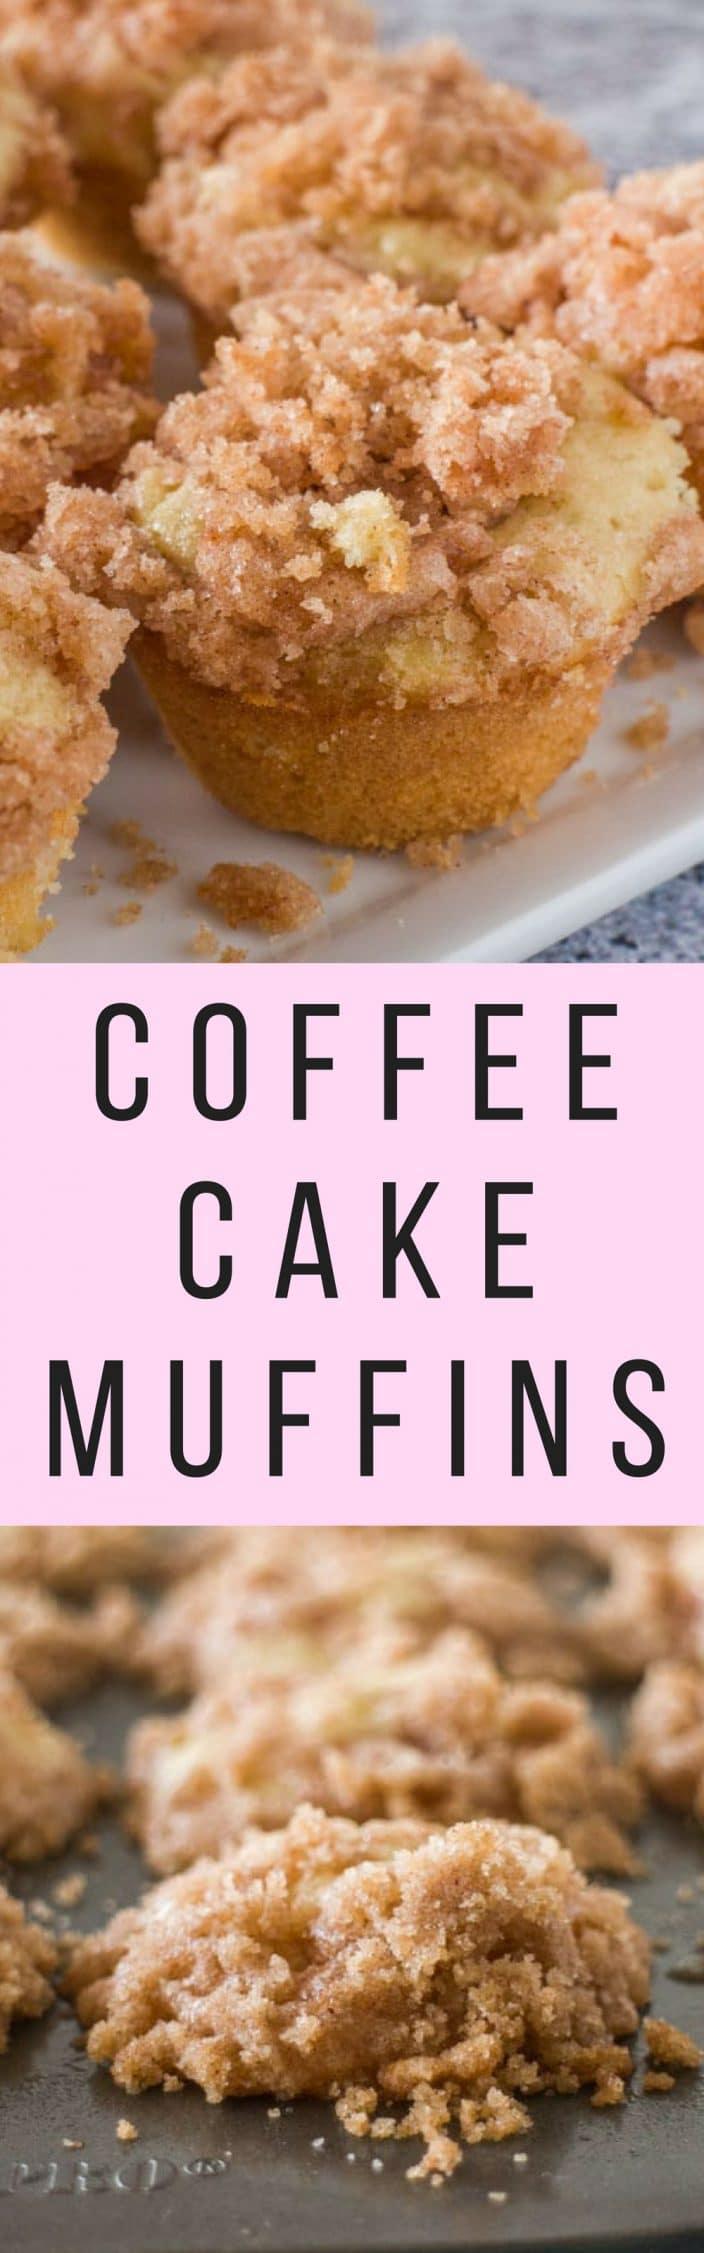 Mini Coffee Cake Muffins Recipe Coffee cake muffins